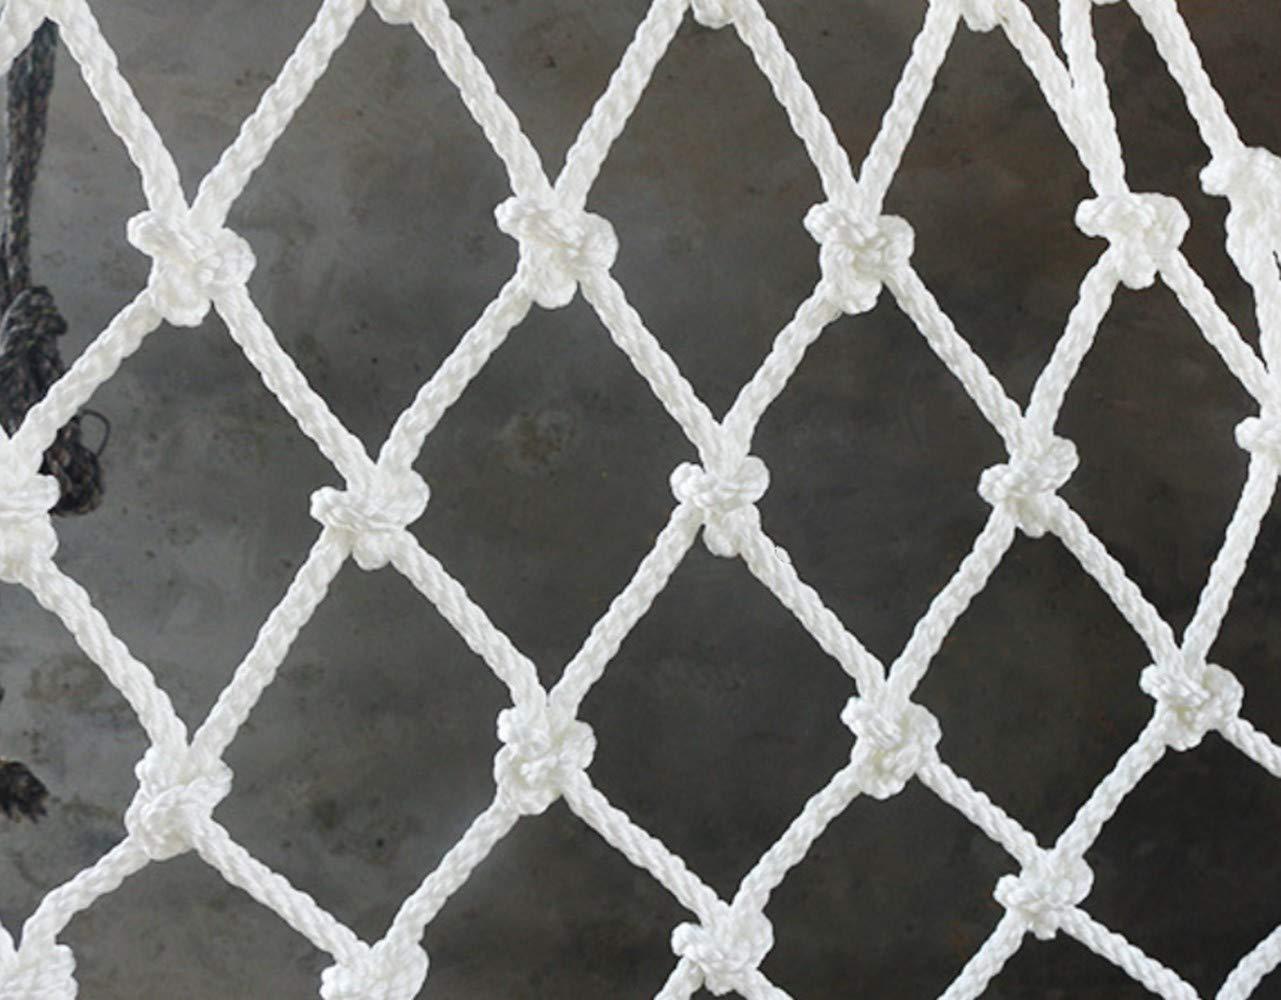 Mitef Red De Construccion Anti-Caída Seguridad De Protección Escaleras Balcón Jardín Planta Crecimiento, Rejilla De 10 cm/4